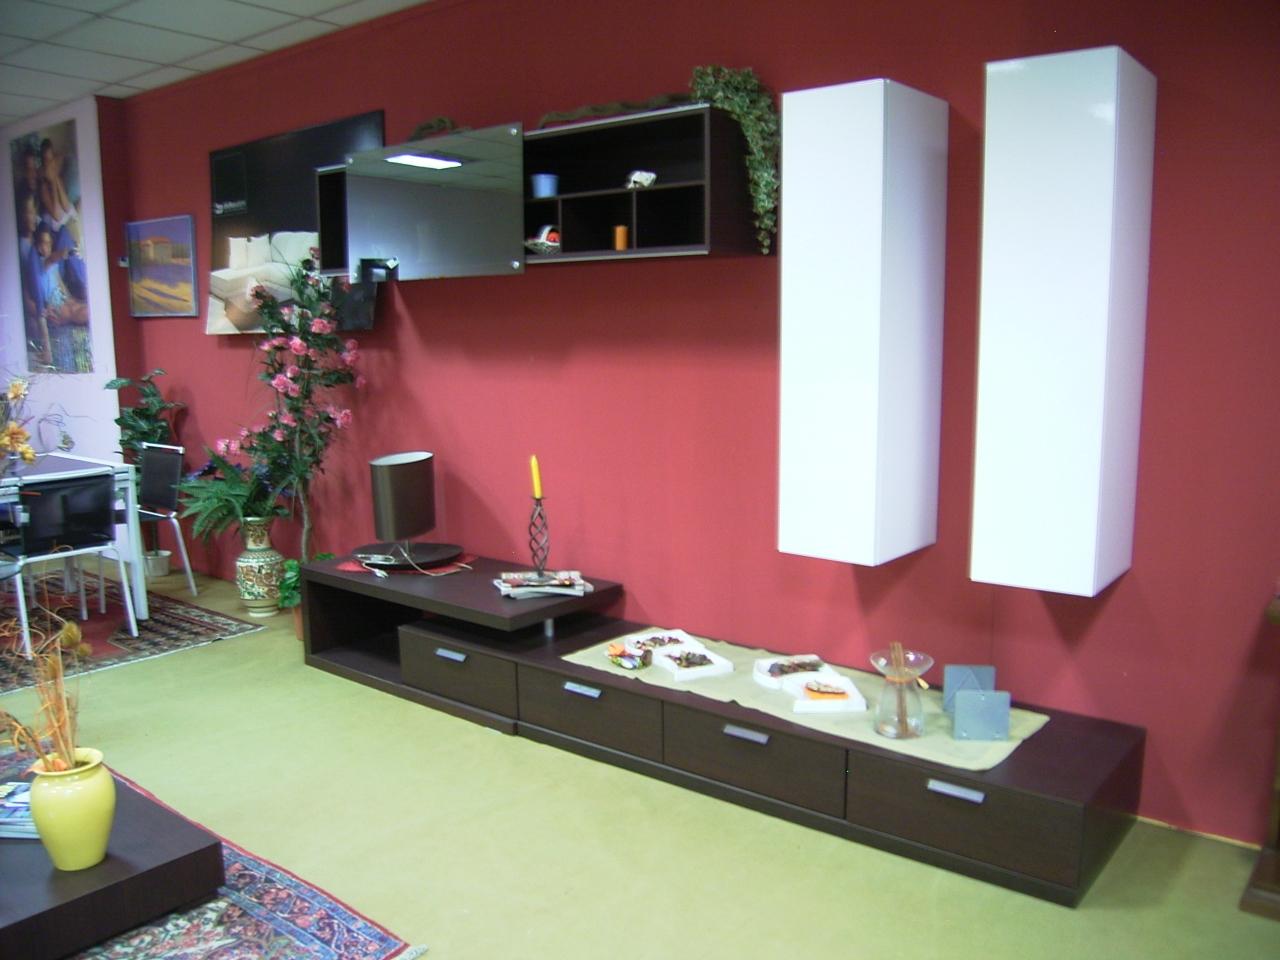 Mobili sala da pranzo mondo convenienza: tavolo mondo convenienza ...